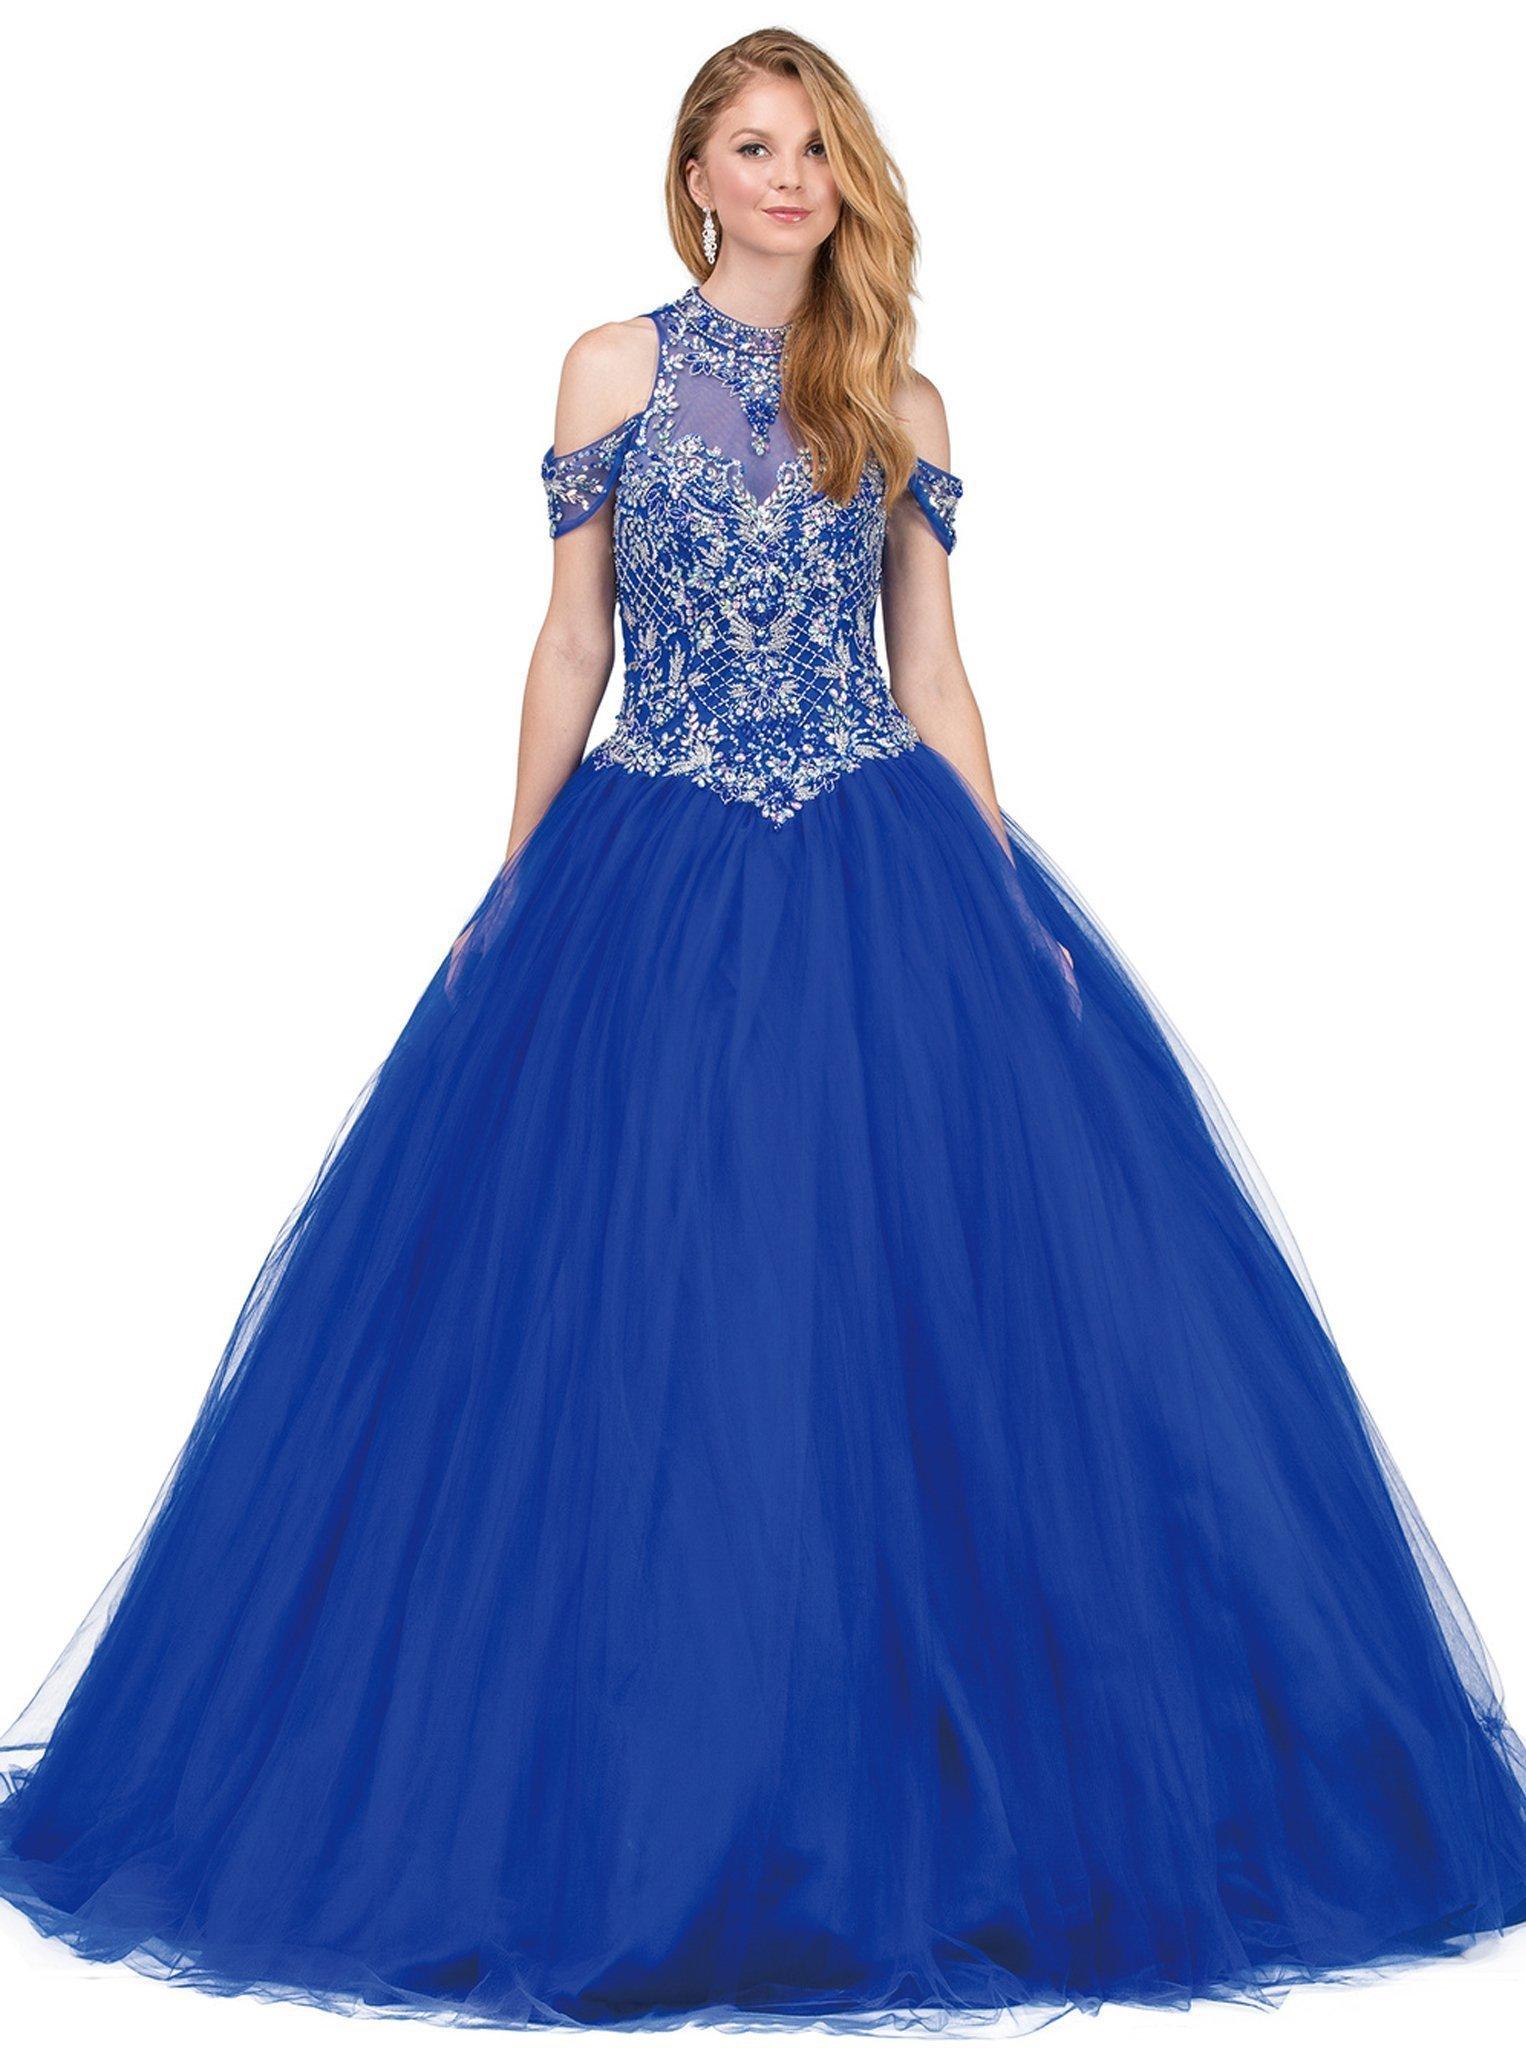 Dancing Queen - 1236 Bejeweled High Neck Quinceanera Ballgown